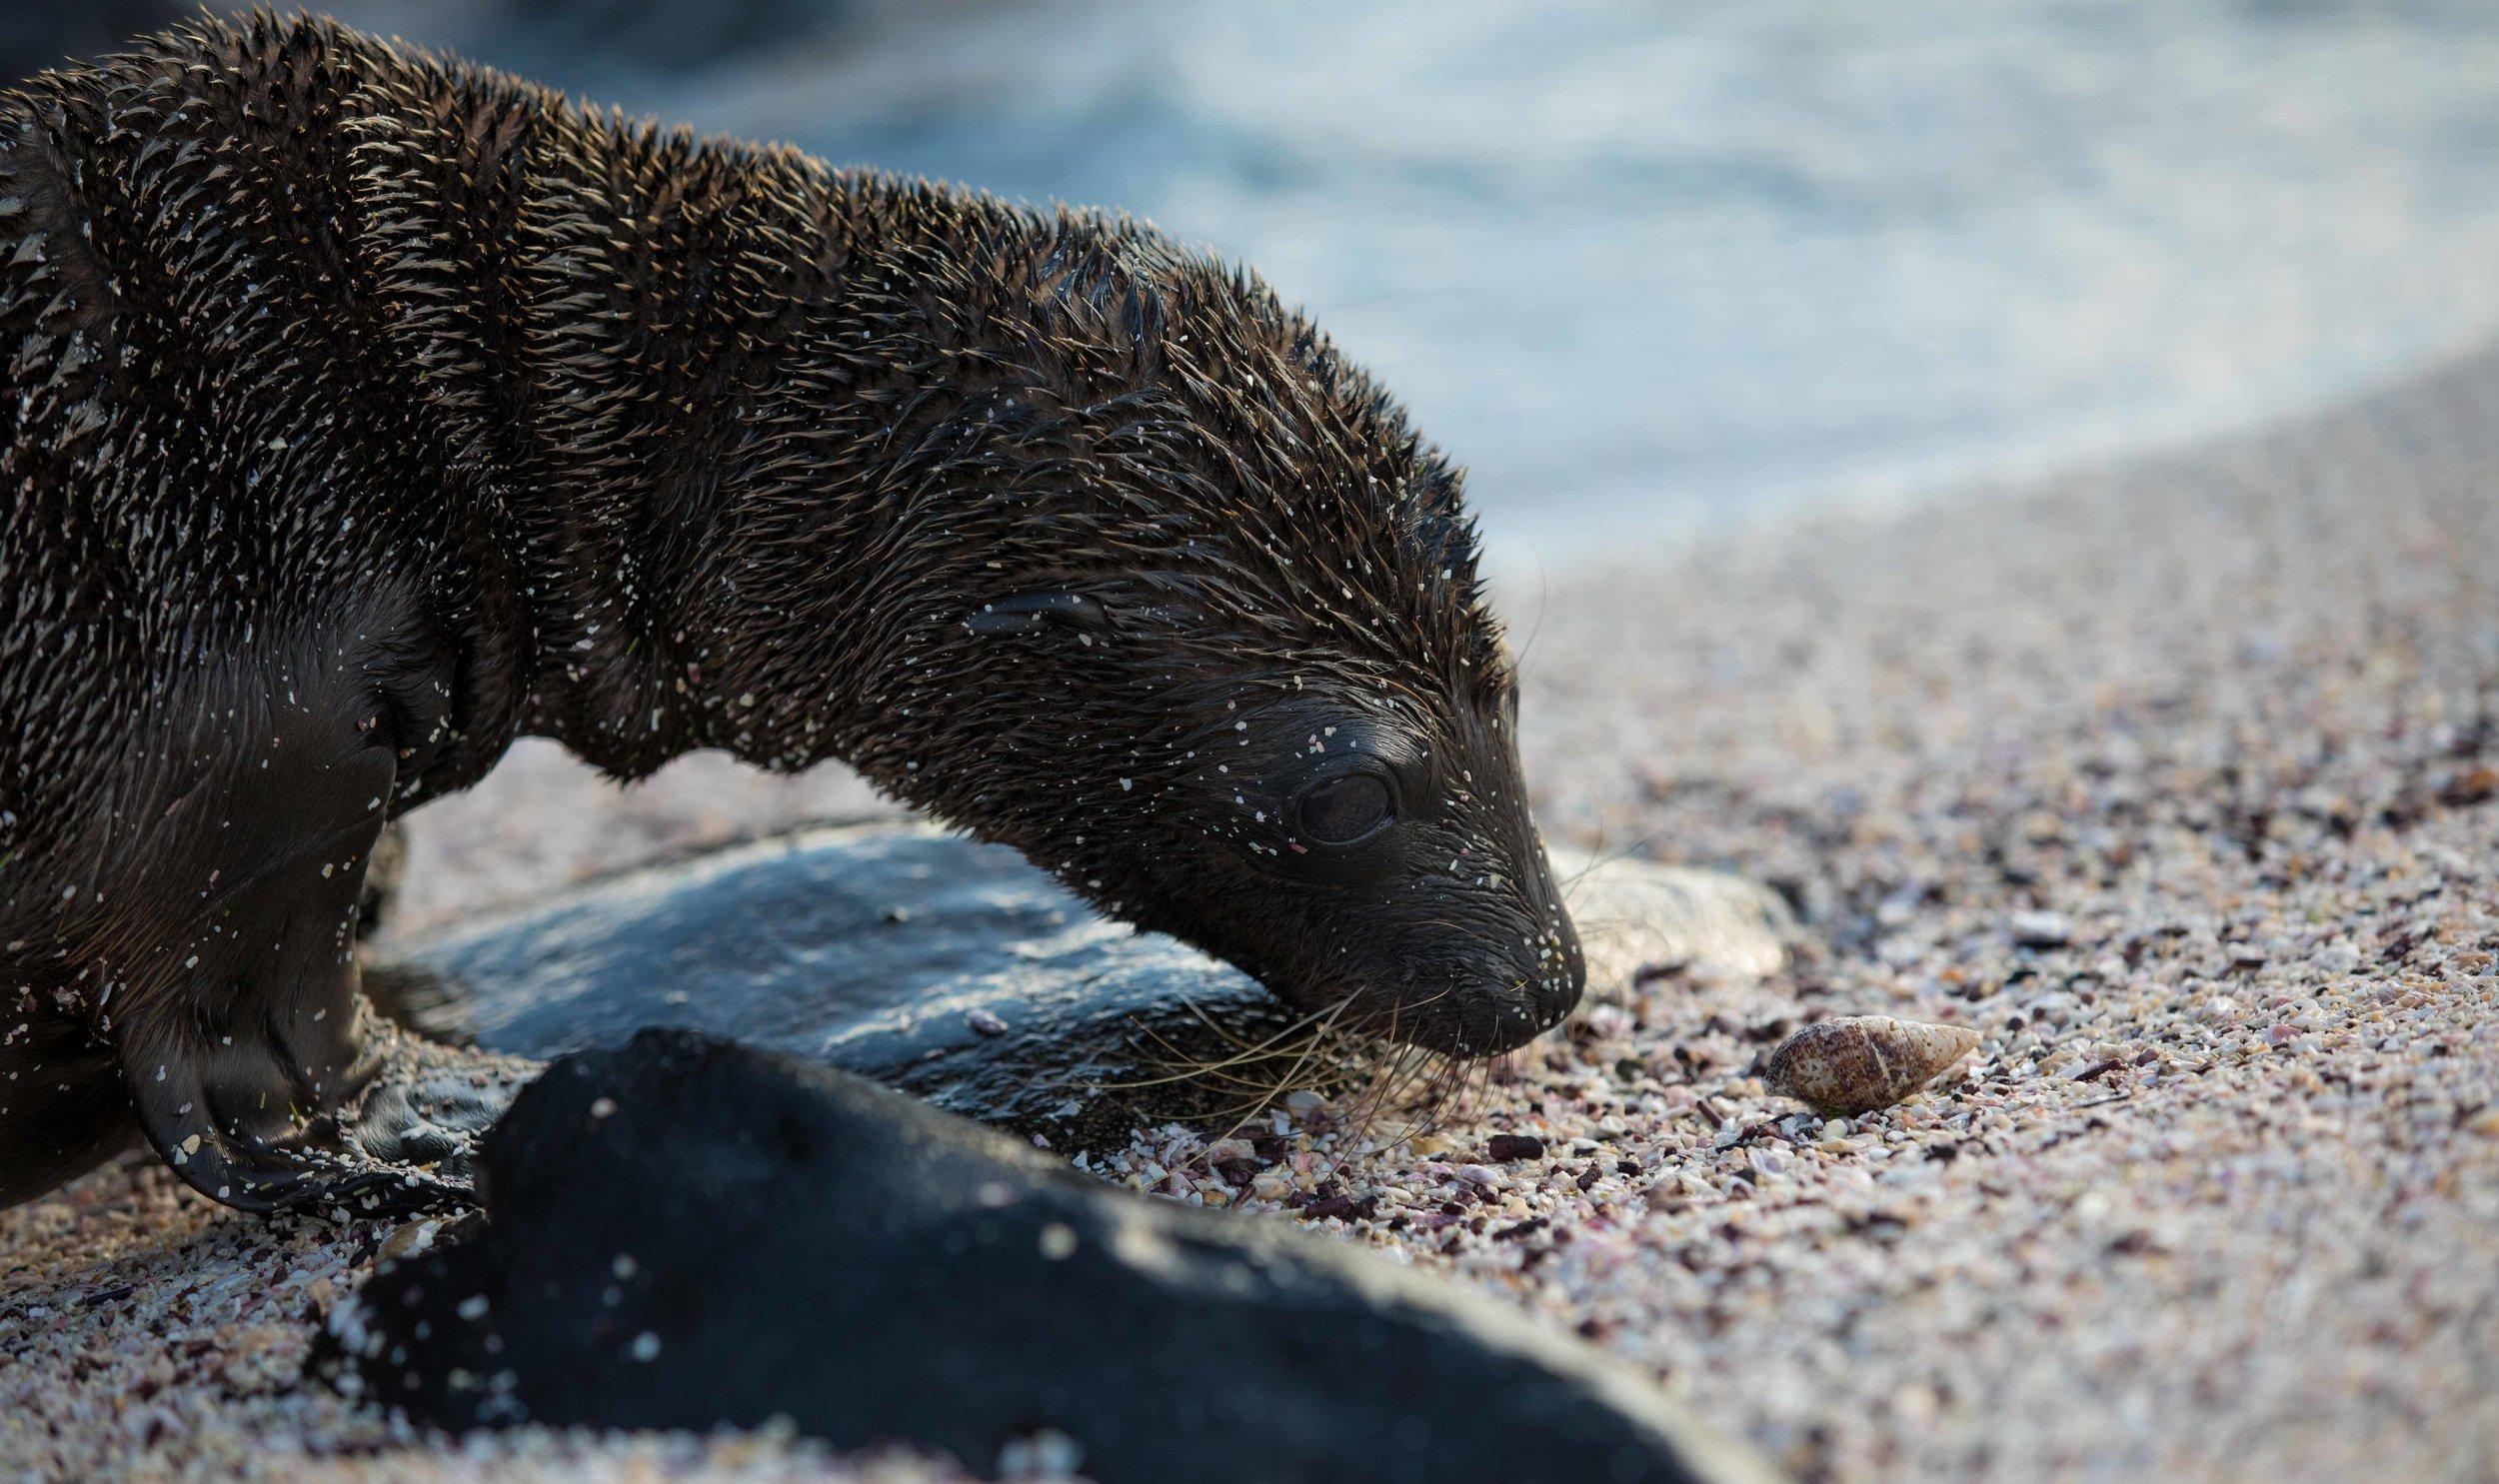 Galapagos_2018-13.jpg